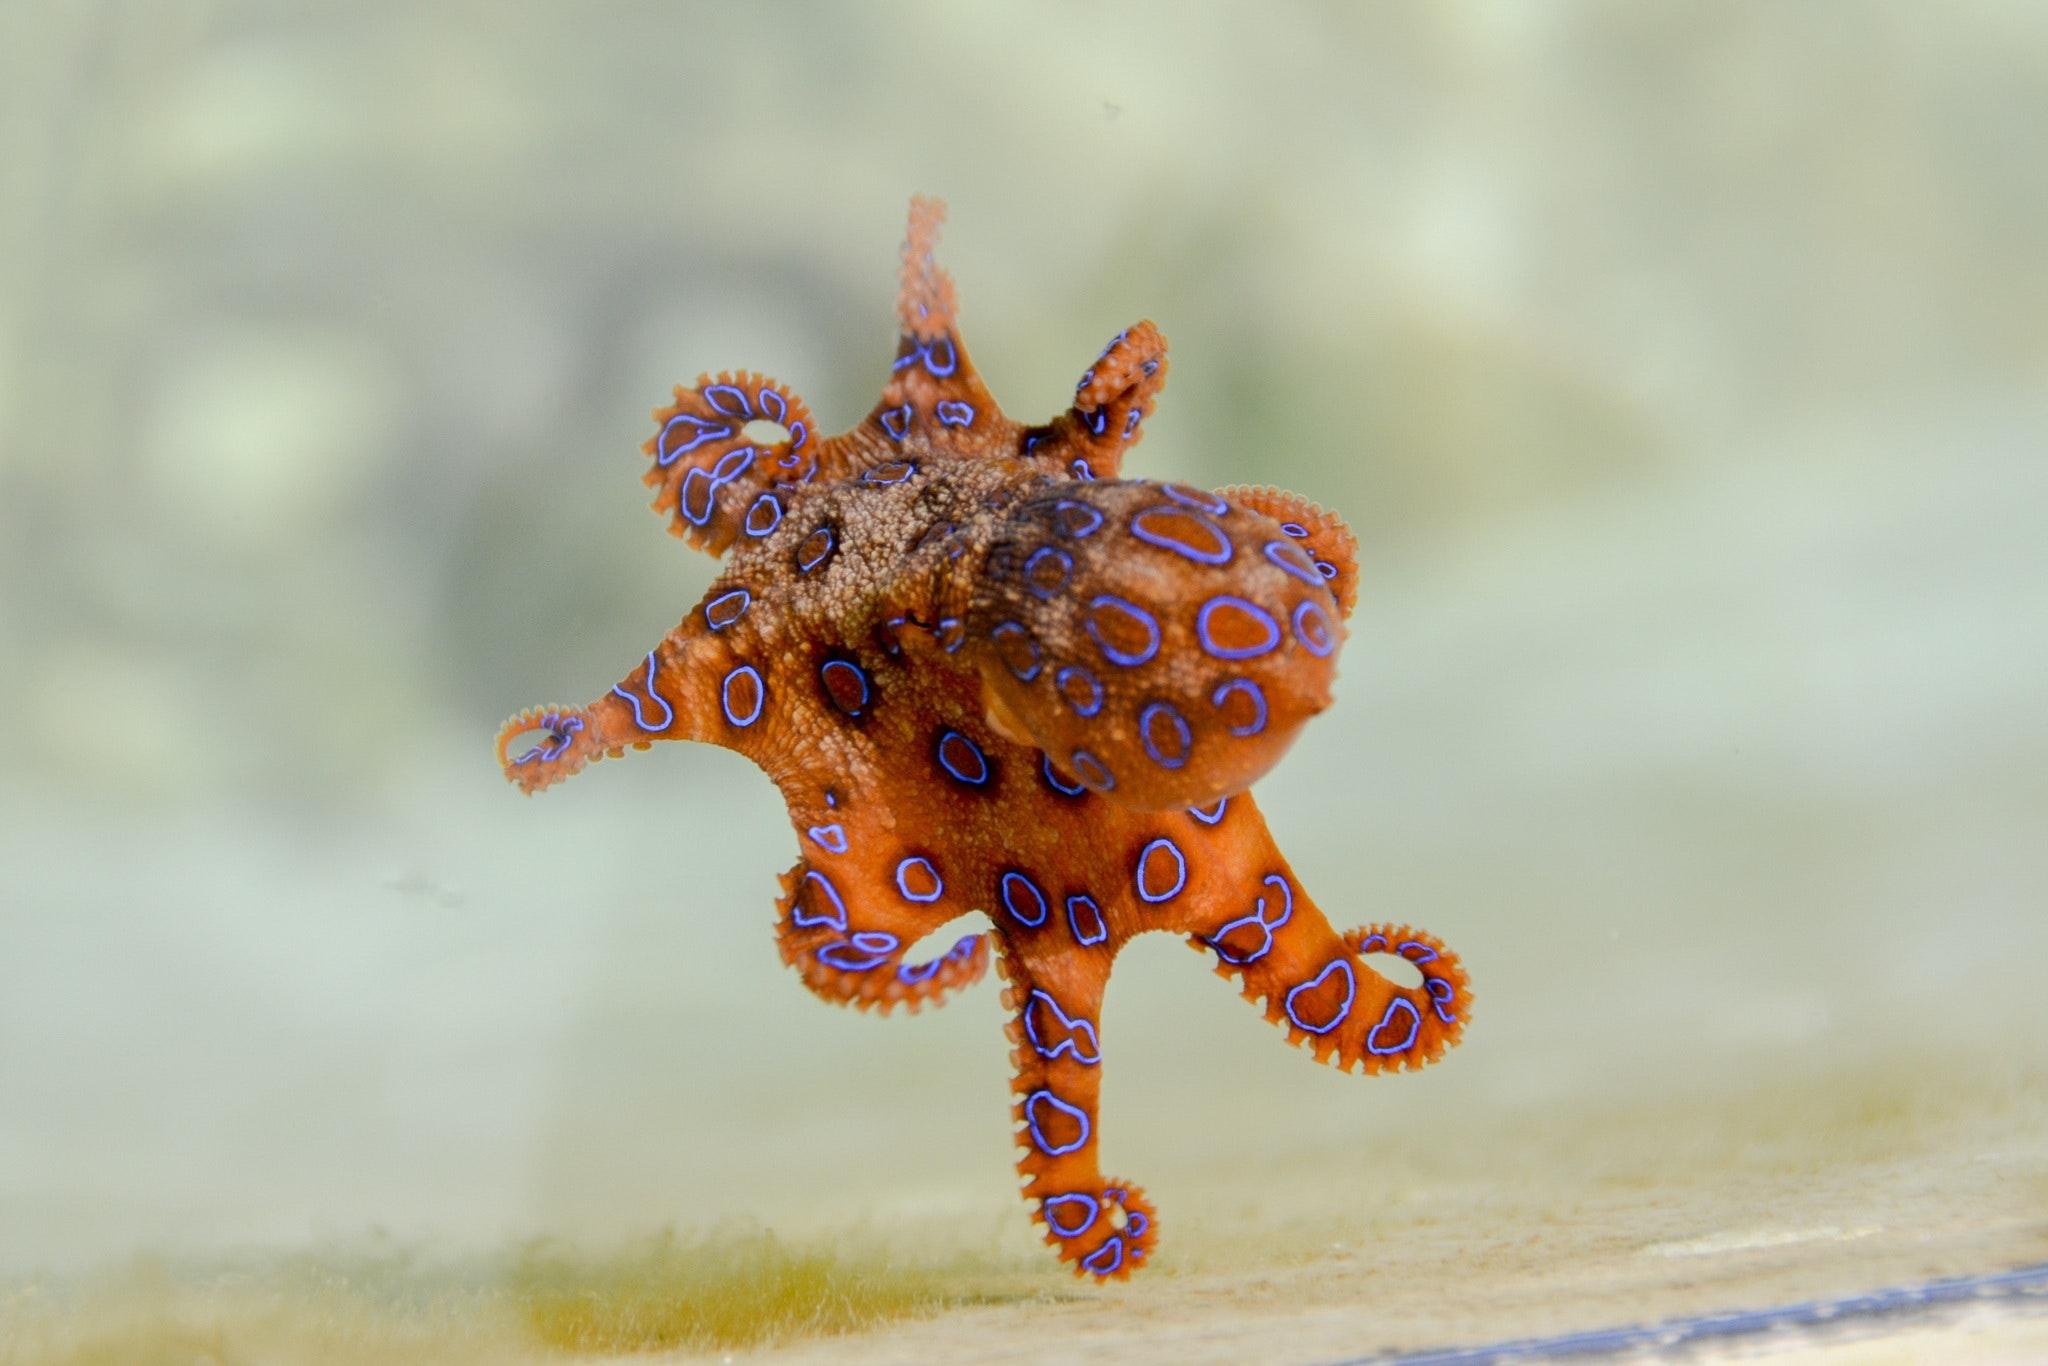 free stock photo of animal blue ringed octopus marine